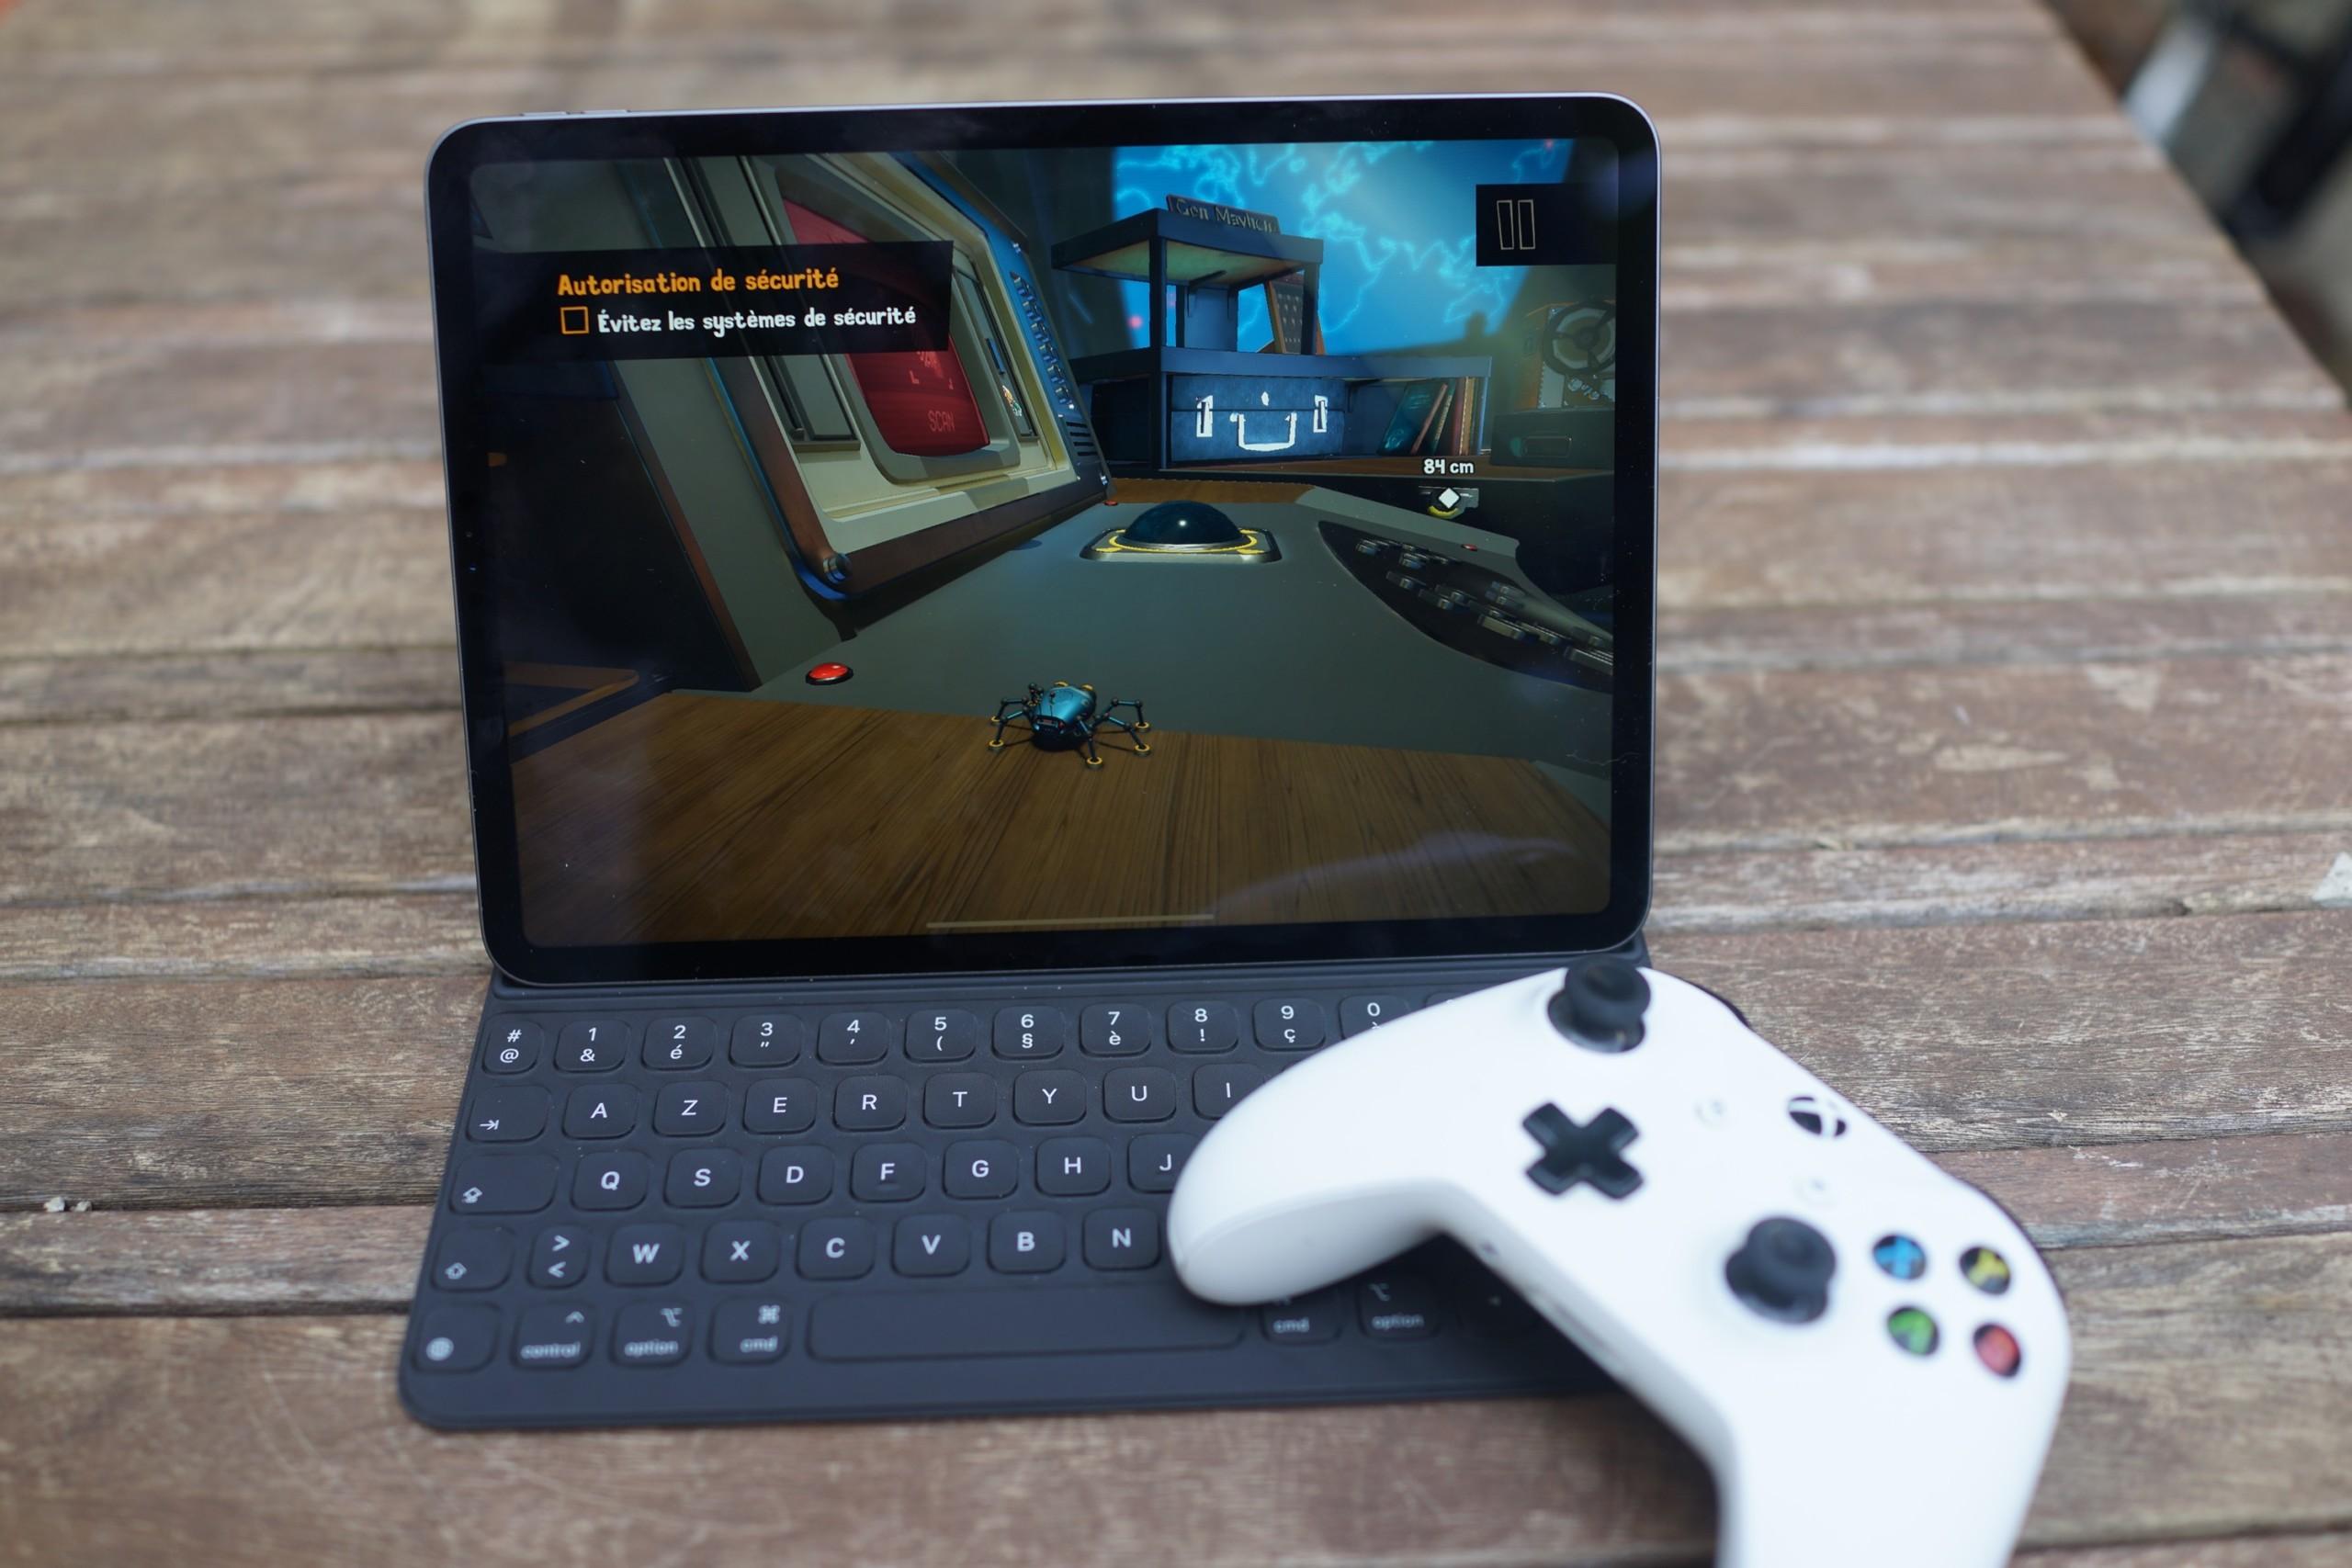 L'iPhone et l'iPad veulent rivaliser avec les PC et les consoles pour le jeu